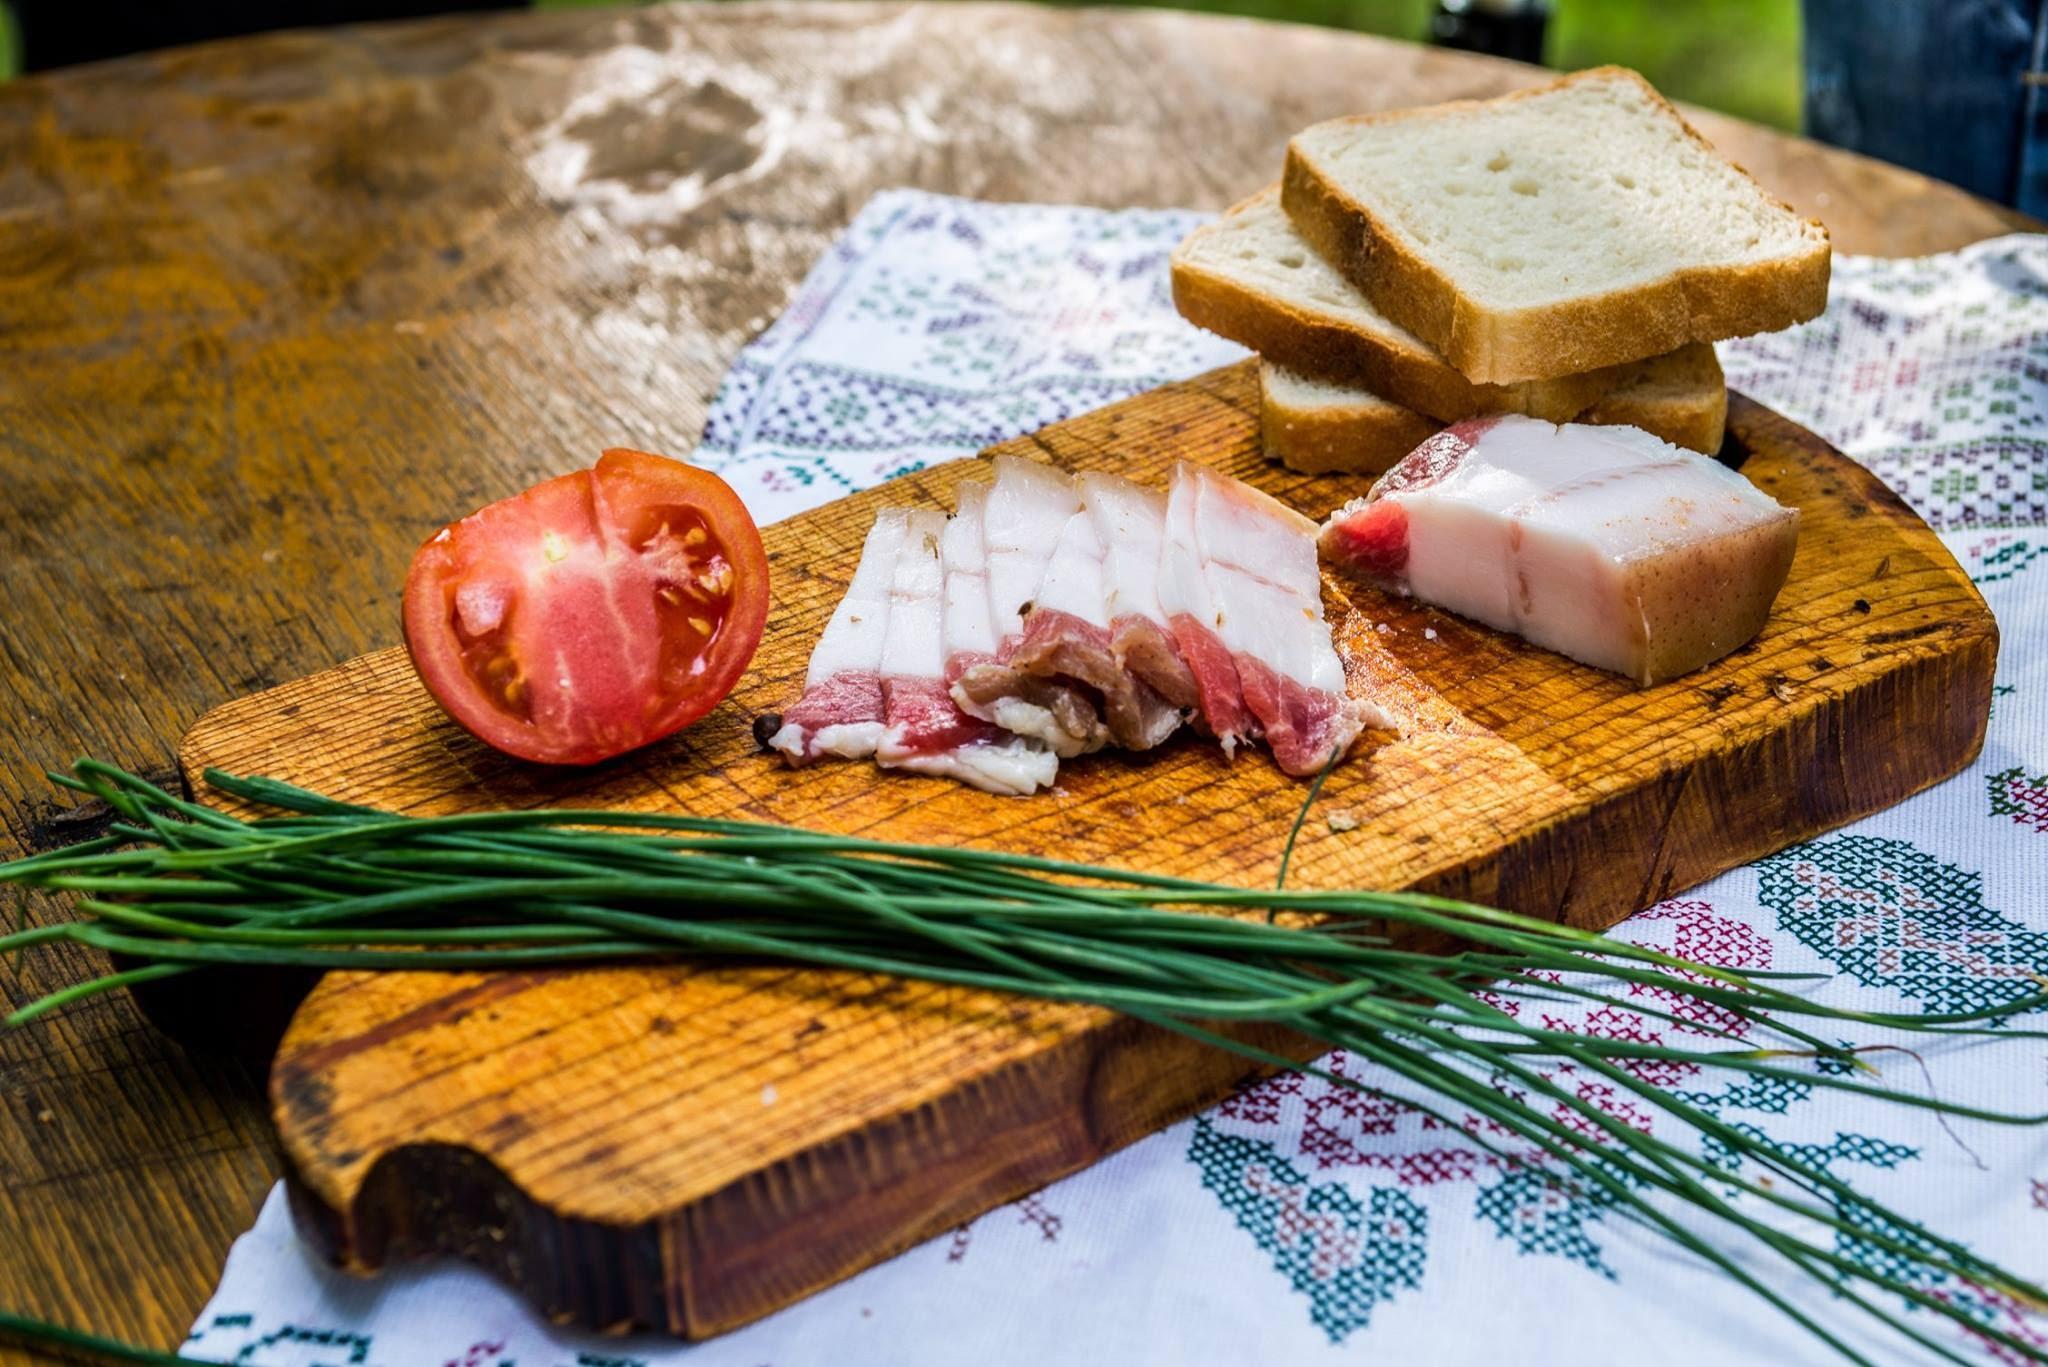 Салат колокольчик рецепт с фото пошагово в кровожадная мантикора